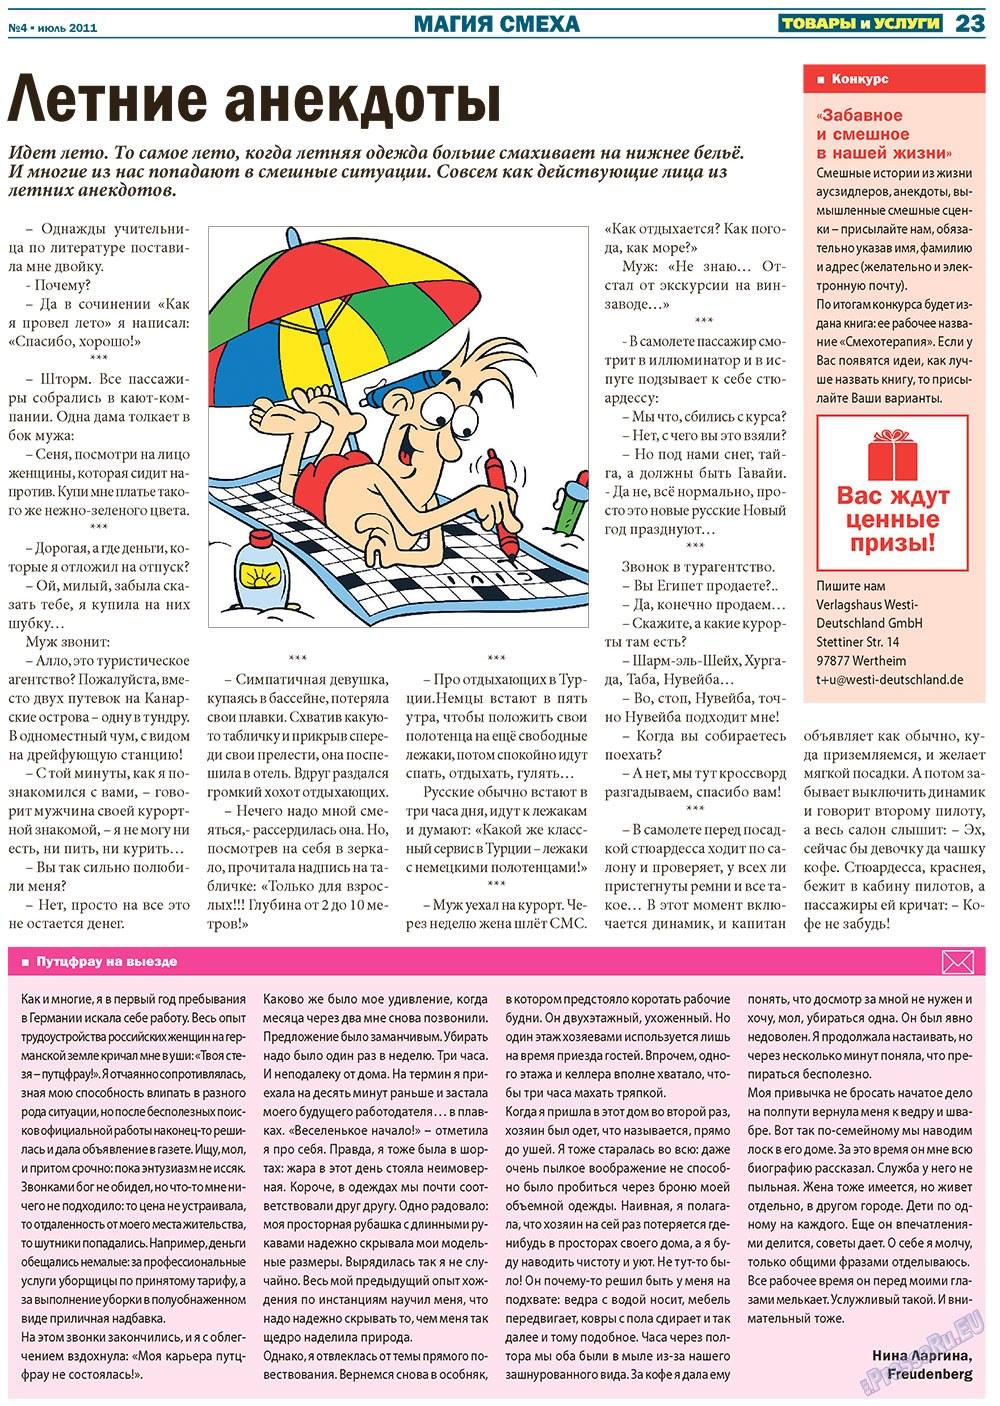 Товары и услуги (газета). 2011 год, номер 4, стр. 23